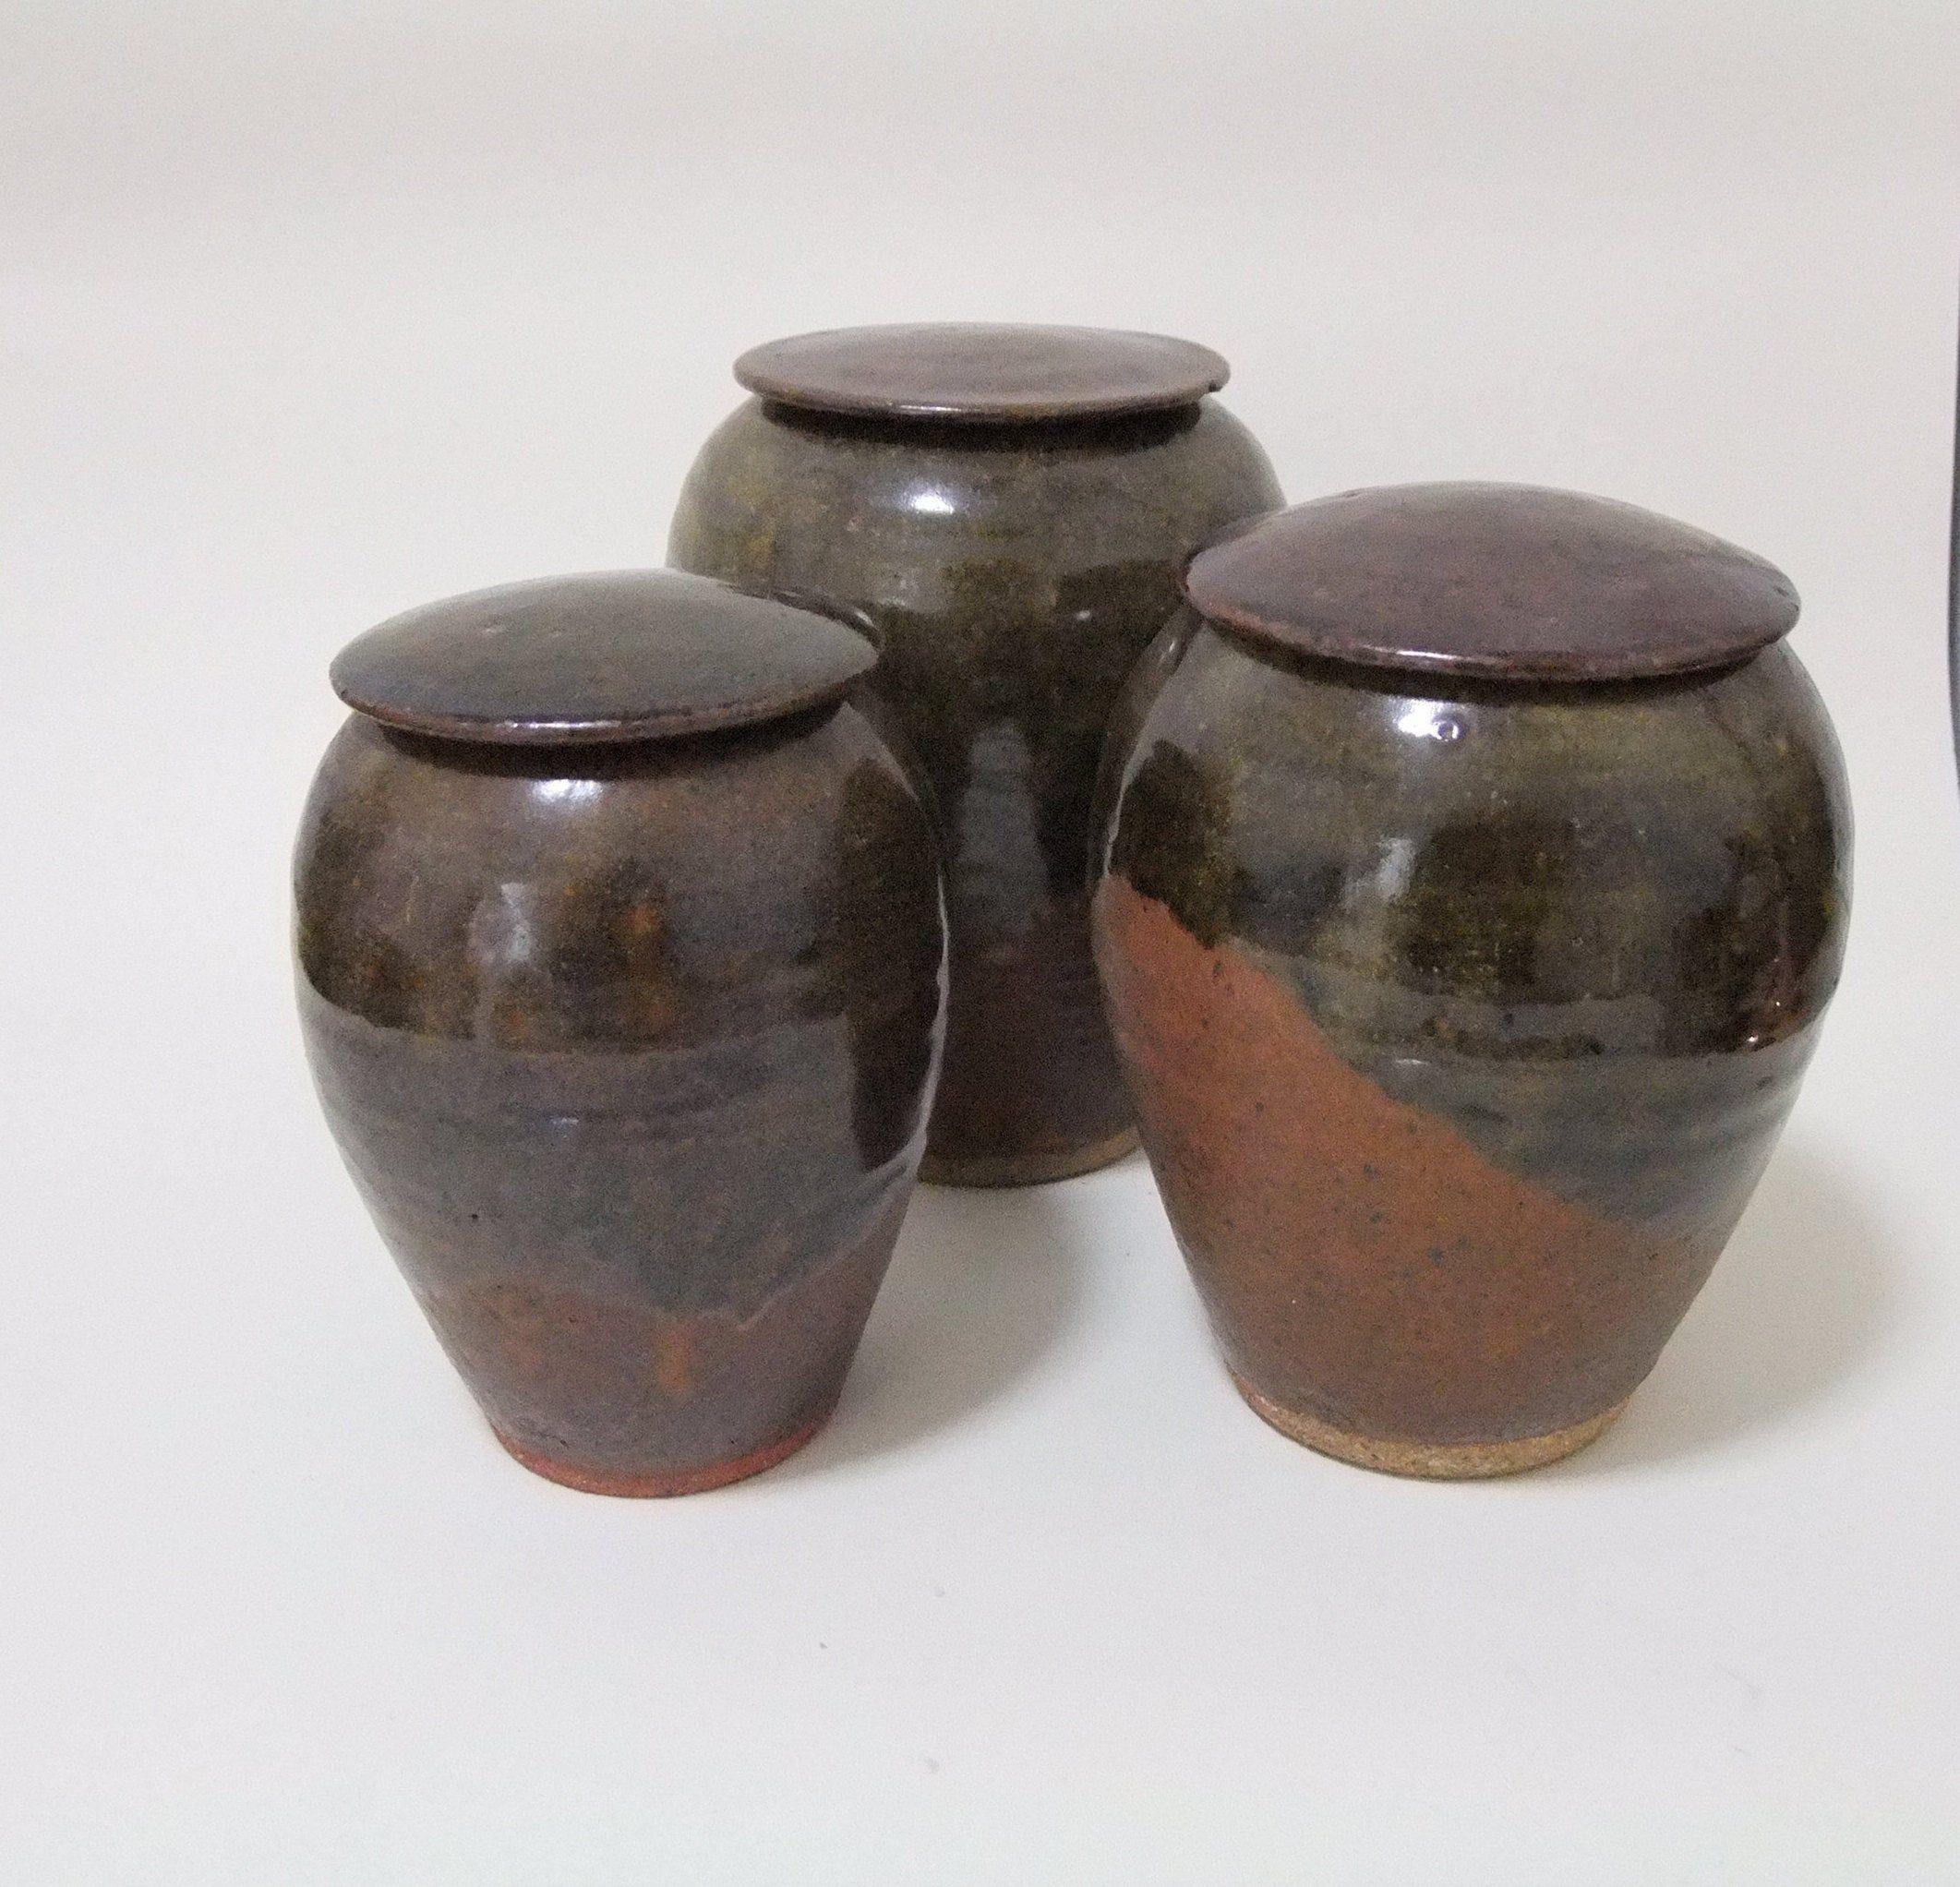 A Set Of 3 Vintage Studio Ceramic Pots With Lids In Brown Ceramic Pots Pottery Pots Vintage Studio